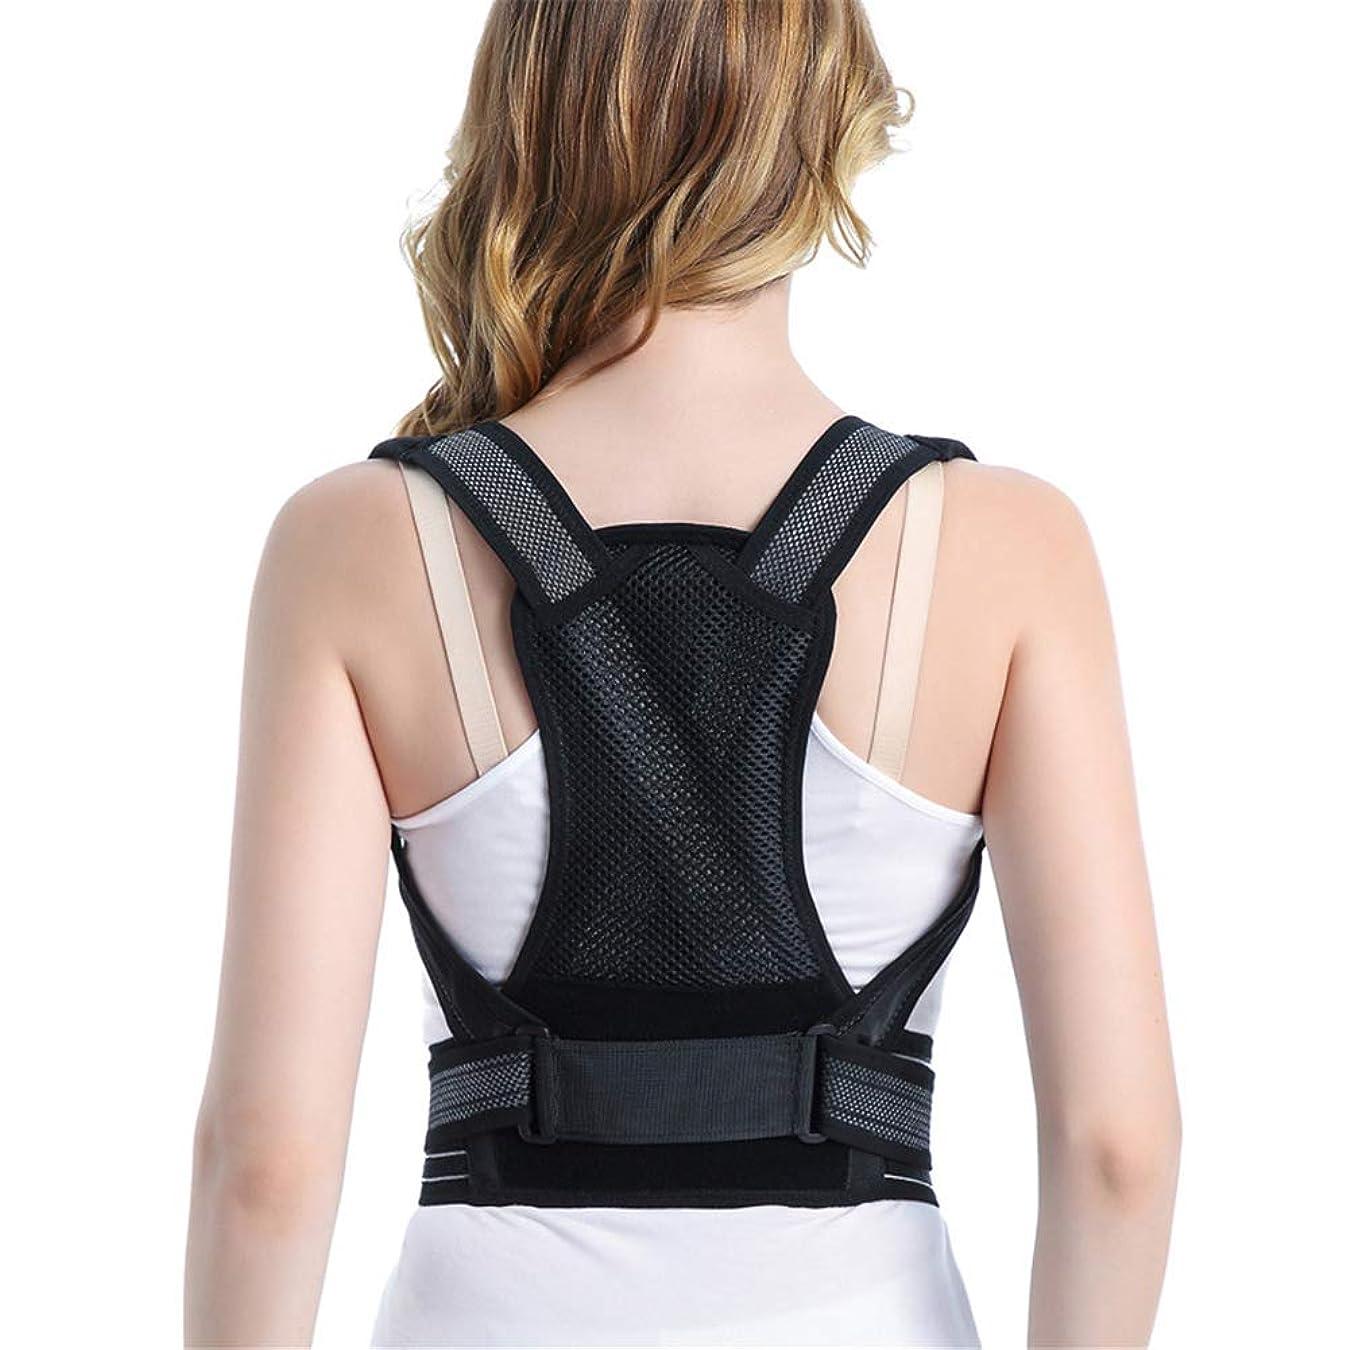 くすぐったいテクニカル求める姿勢矯正器大人用の腰部矯正、目に見えない夏の矯正用ベルトの子供アンチハンプバック用矯正装置学生男性と女性のランニングスポーツ、XL